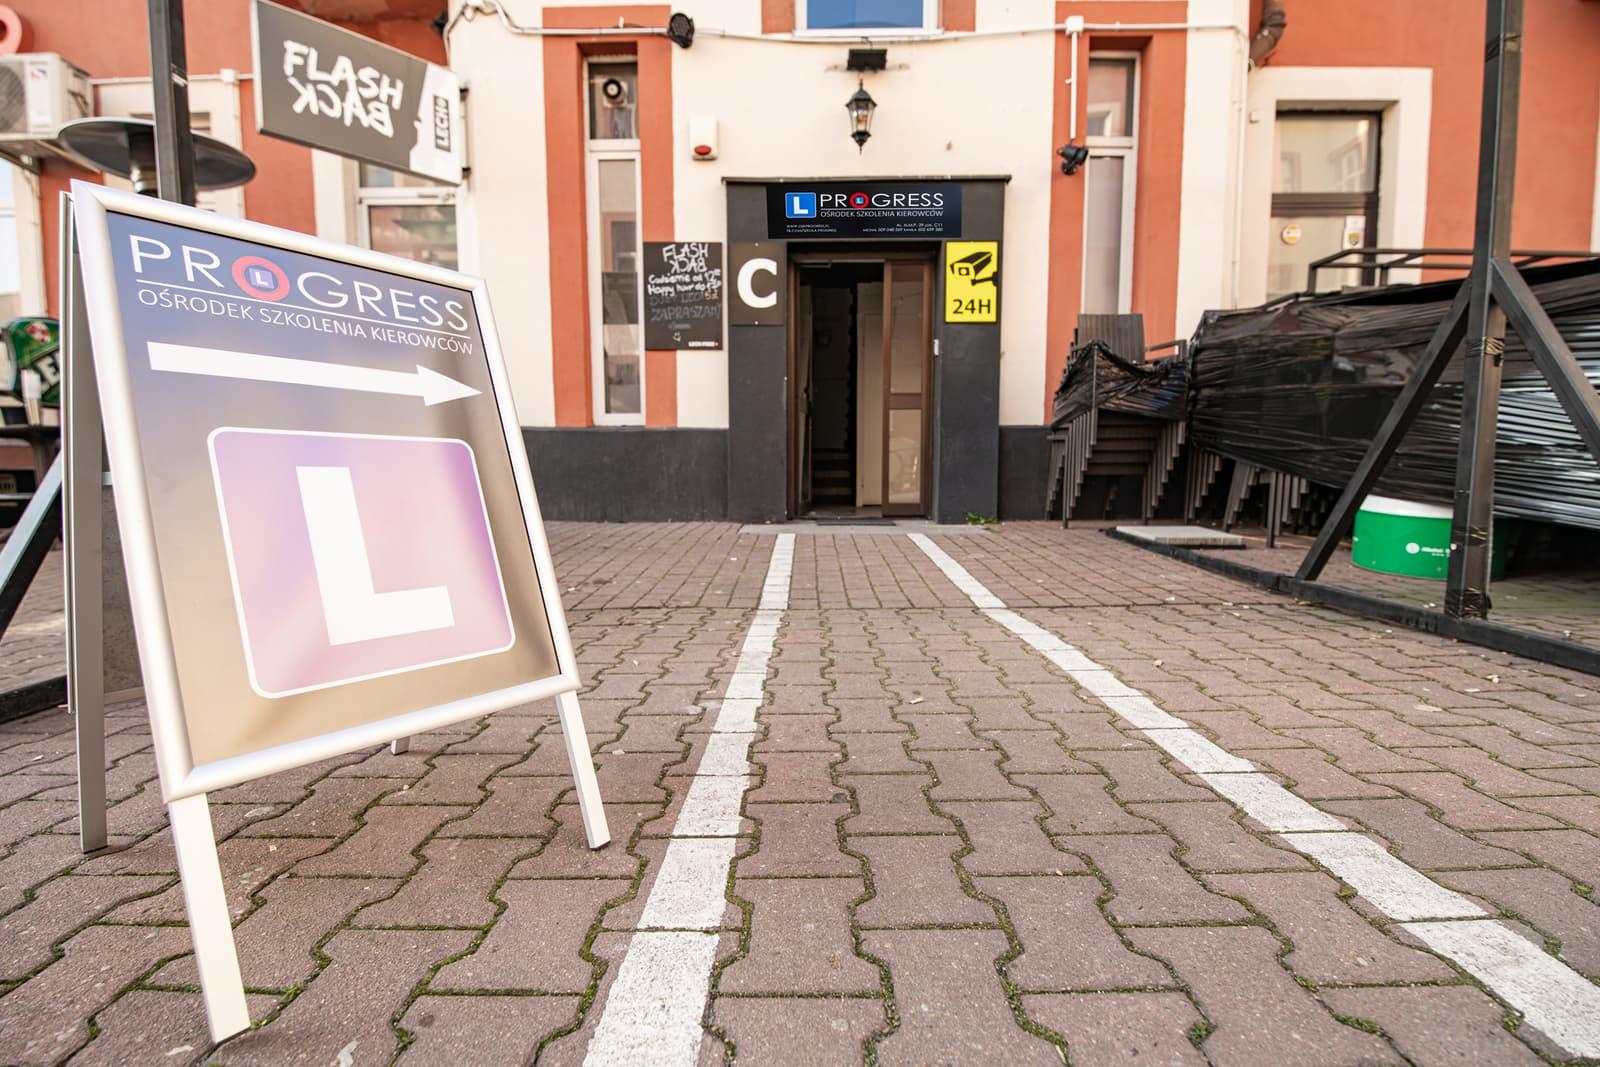 Prawo jazdy PROGRESS Częstochowa - nauka jazdy - OSK - biuro